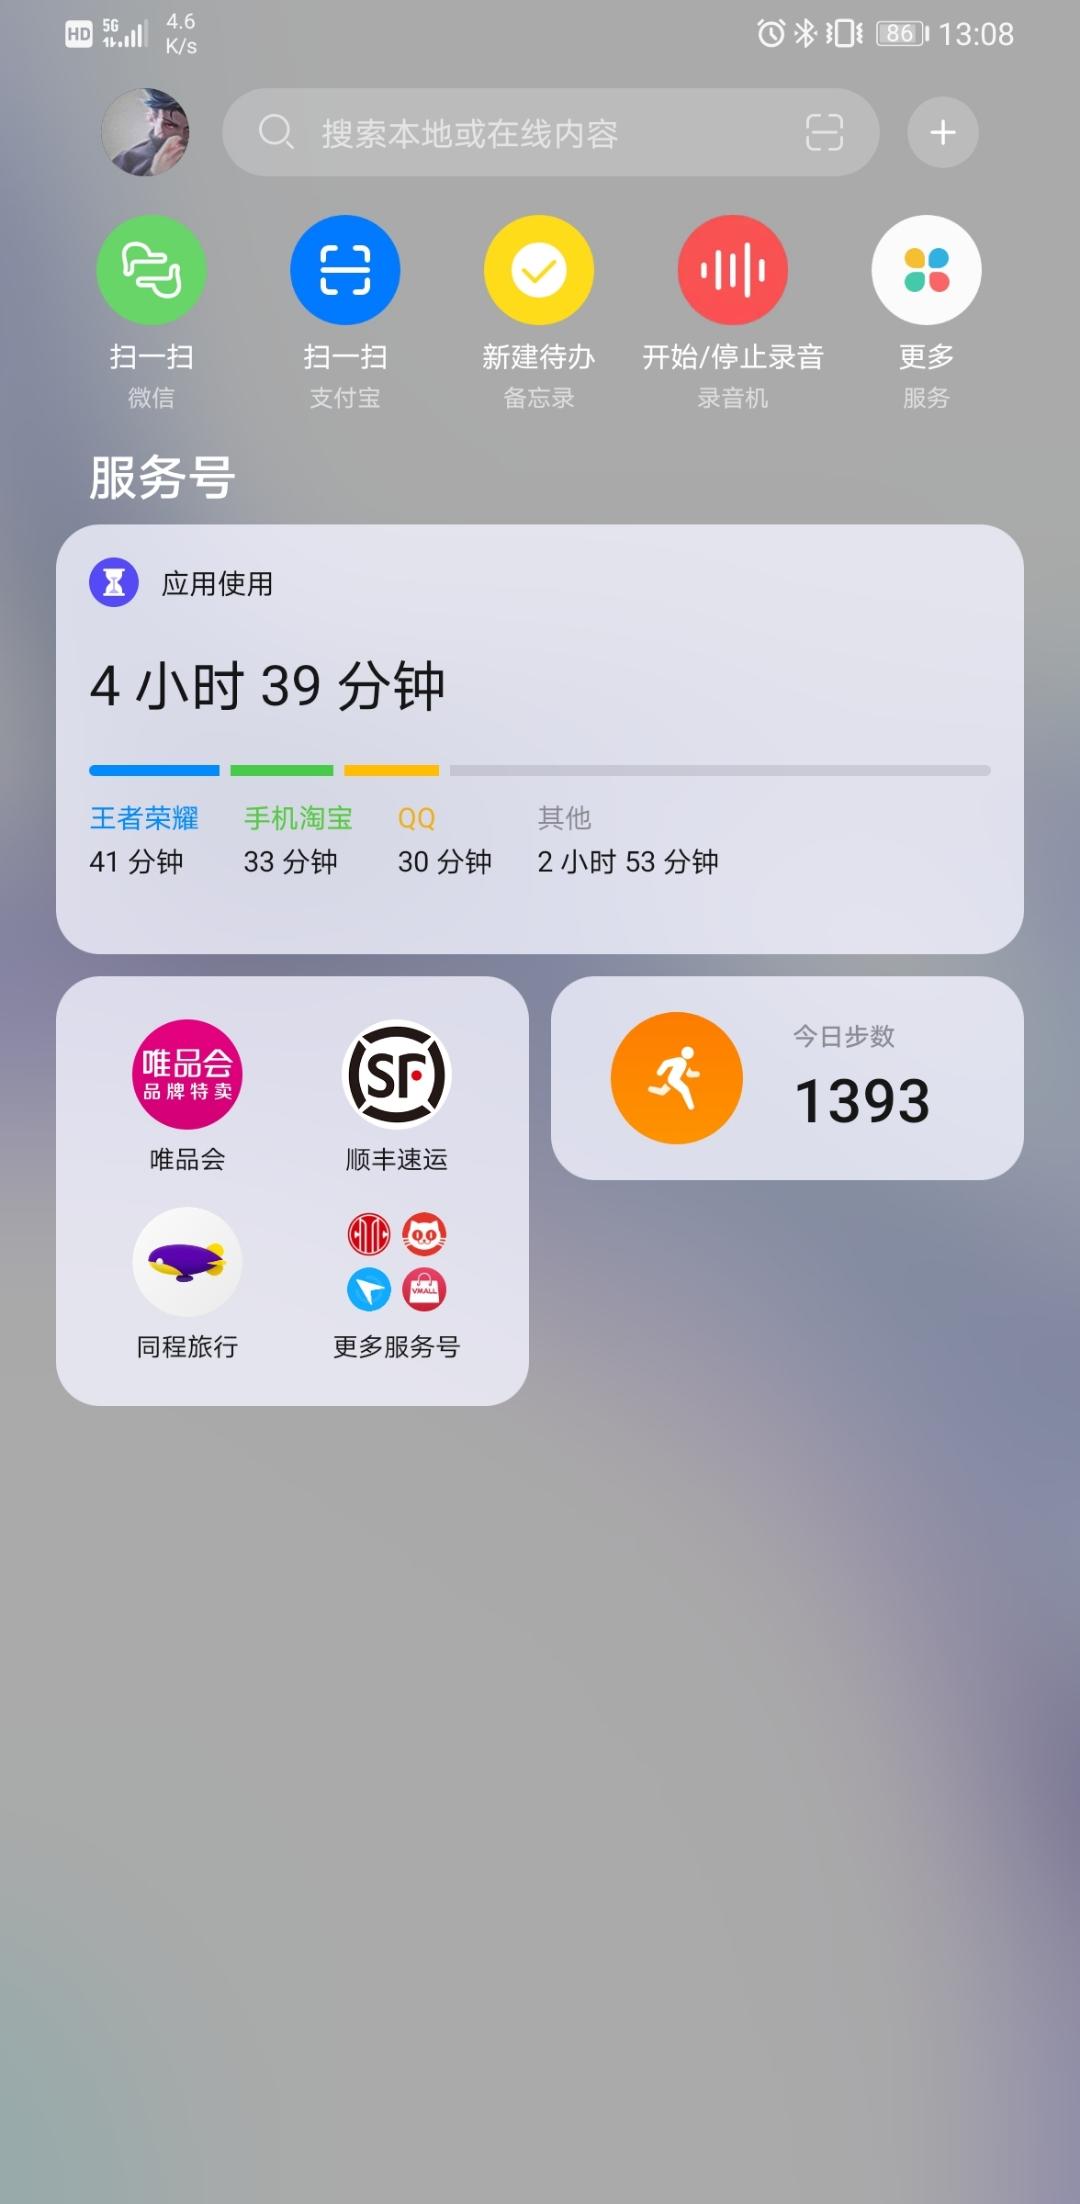 Screenshot_20210410_130820_com.huawei.android.launcher.jpg